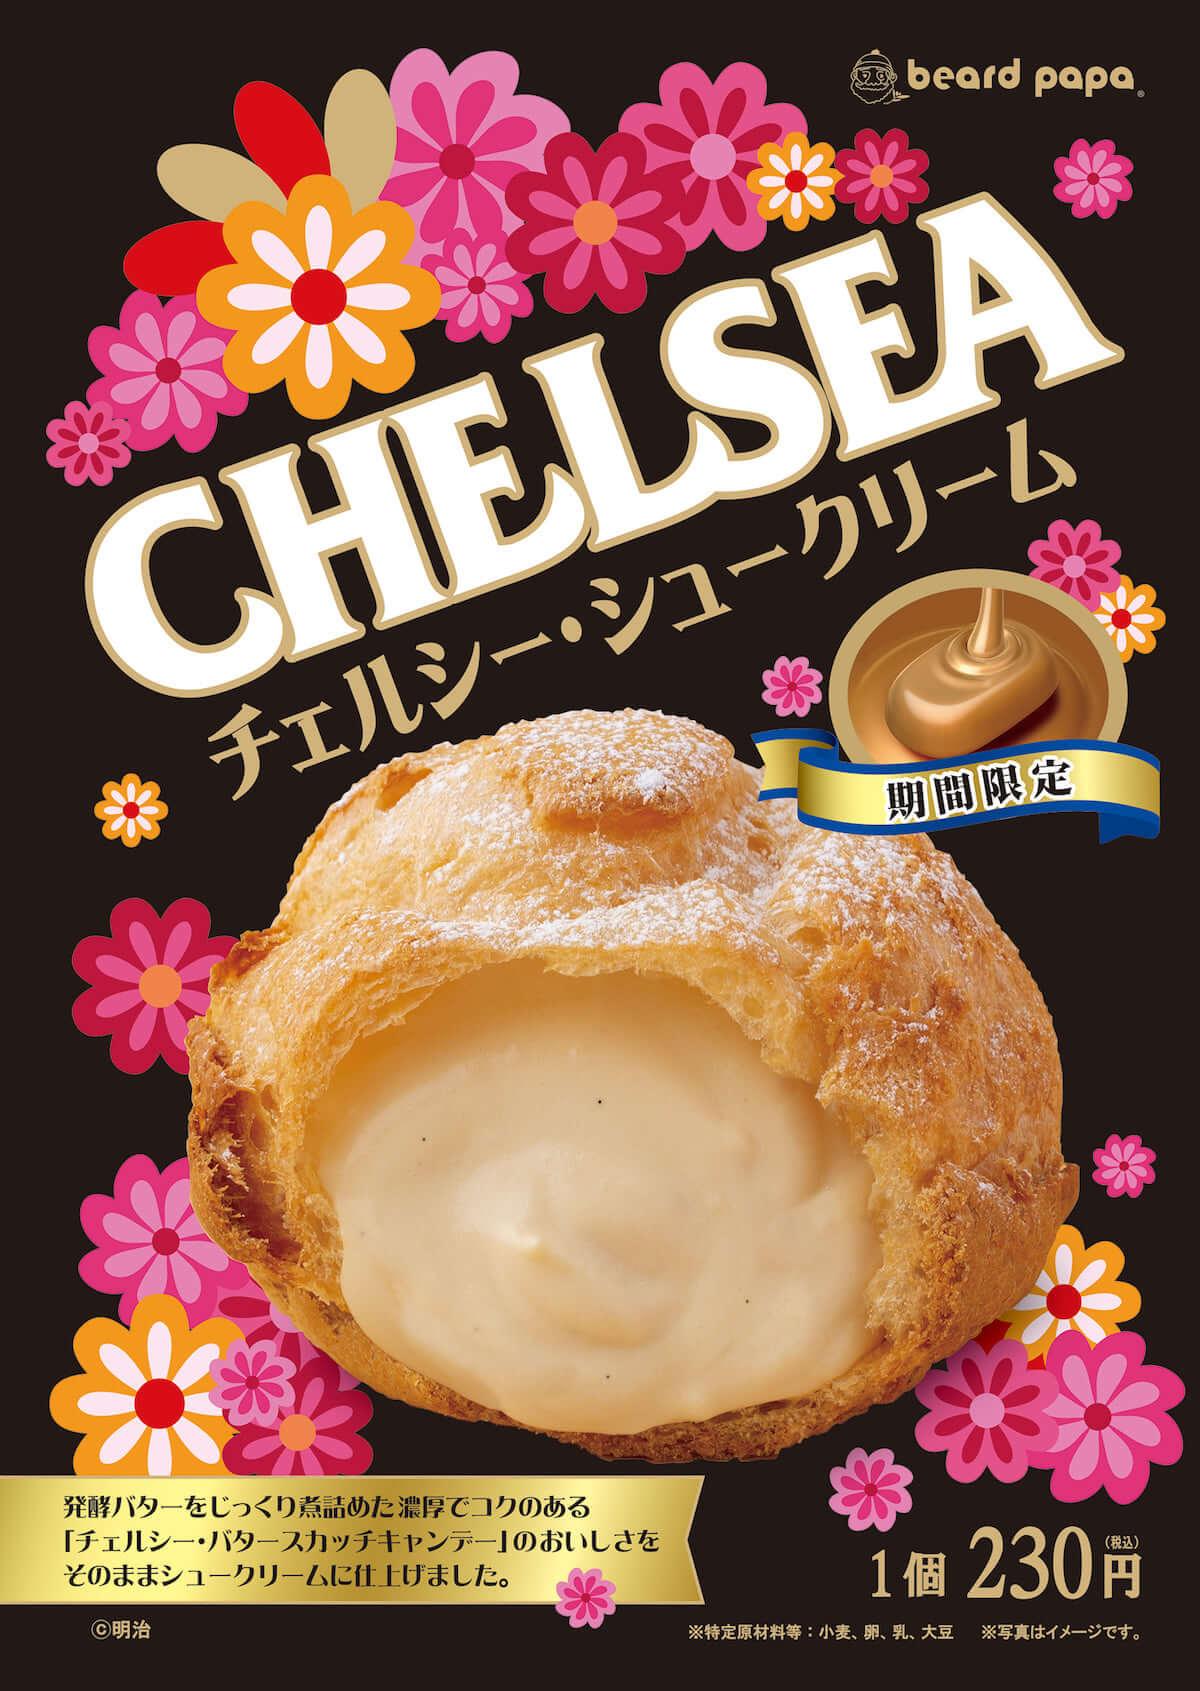 チェルシー・バタースカッチの味を再現したシュークリームがビアードパパで限定販売中! gourmet19312_chelsea_11-1200x1691